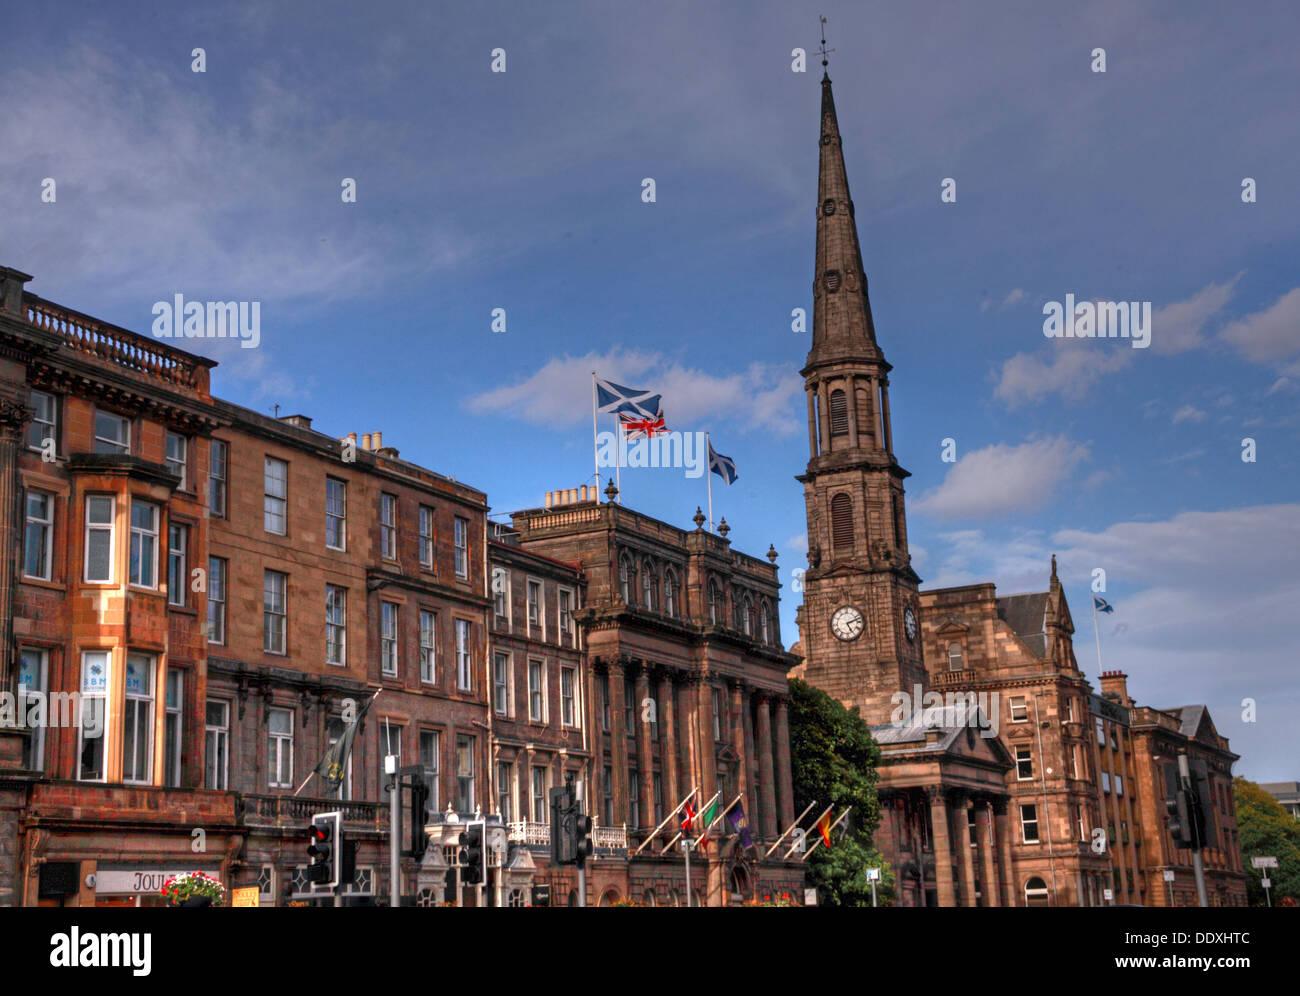 Laden Sie dieses Alamy Stockfoto Die George Street, Edinburgh, Schottland, Großbritannien, - DDXHTC